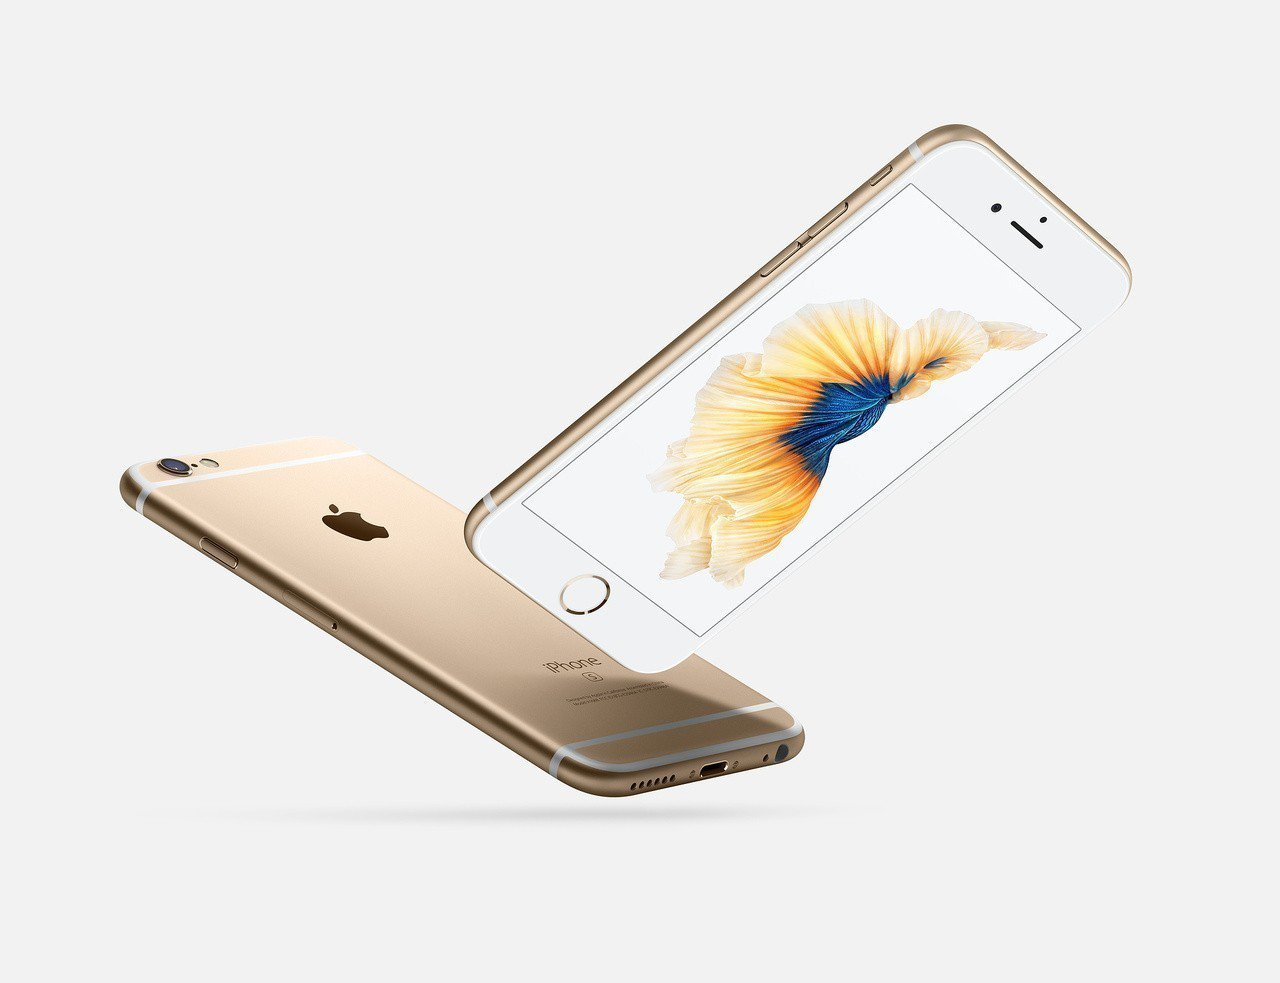 蘋果新iPhone手機發布日越來越近,外資回頭買超大立光,帶領蘋概股今天回穩反彈...